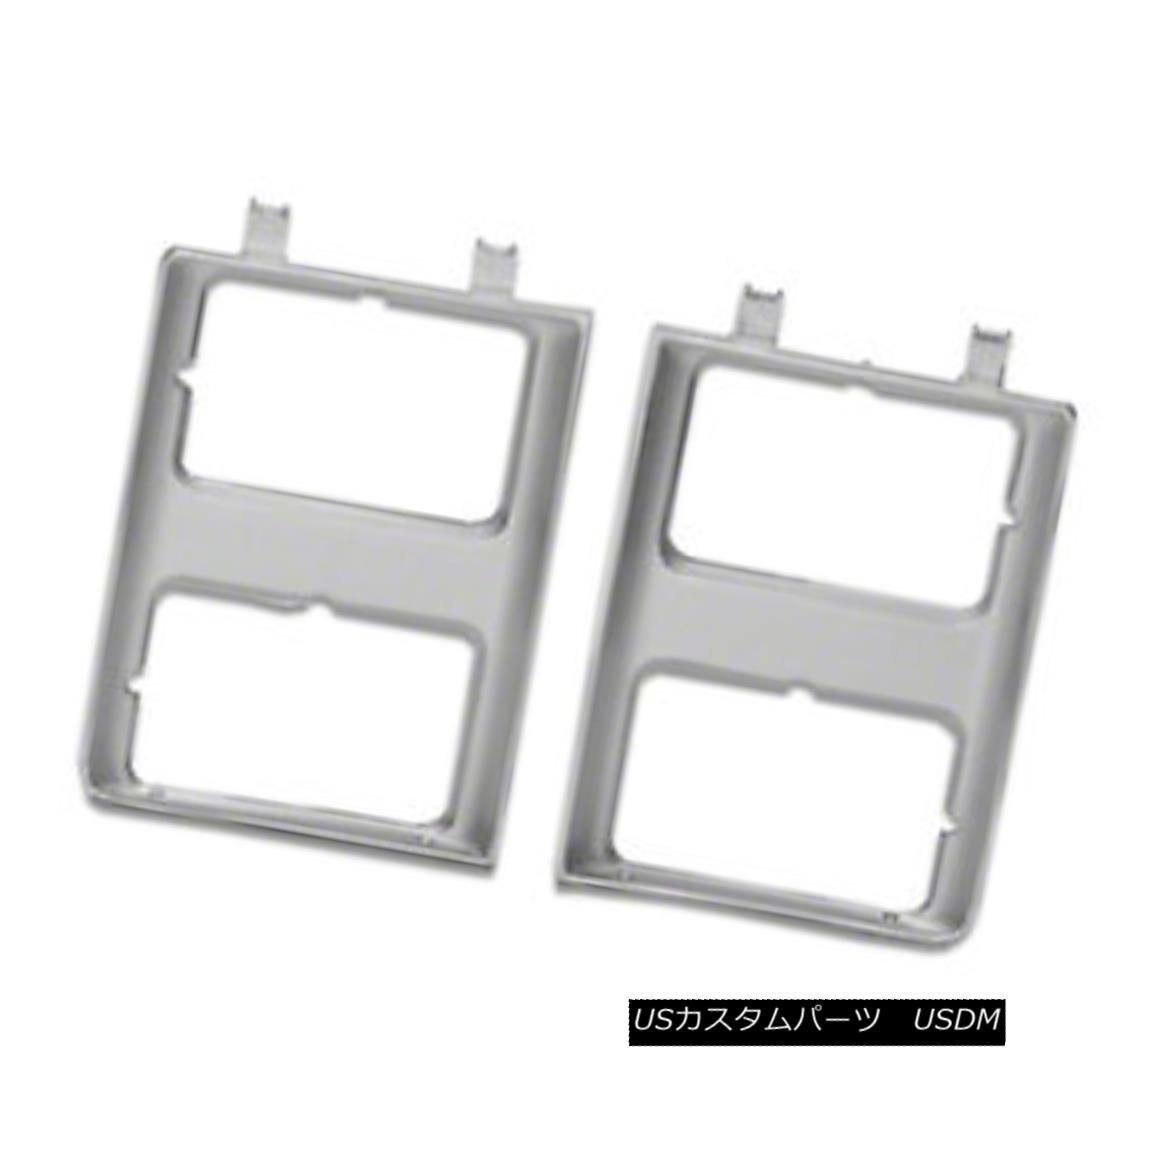 グリル New Headlight Door Silver Driver Side for Dual Lamps Rectangular 630-00848L デュアルランプ用ヘッドライトドアシルバードライバーサイド630-00848L